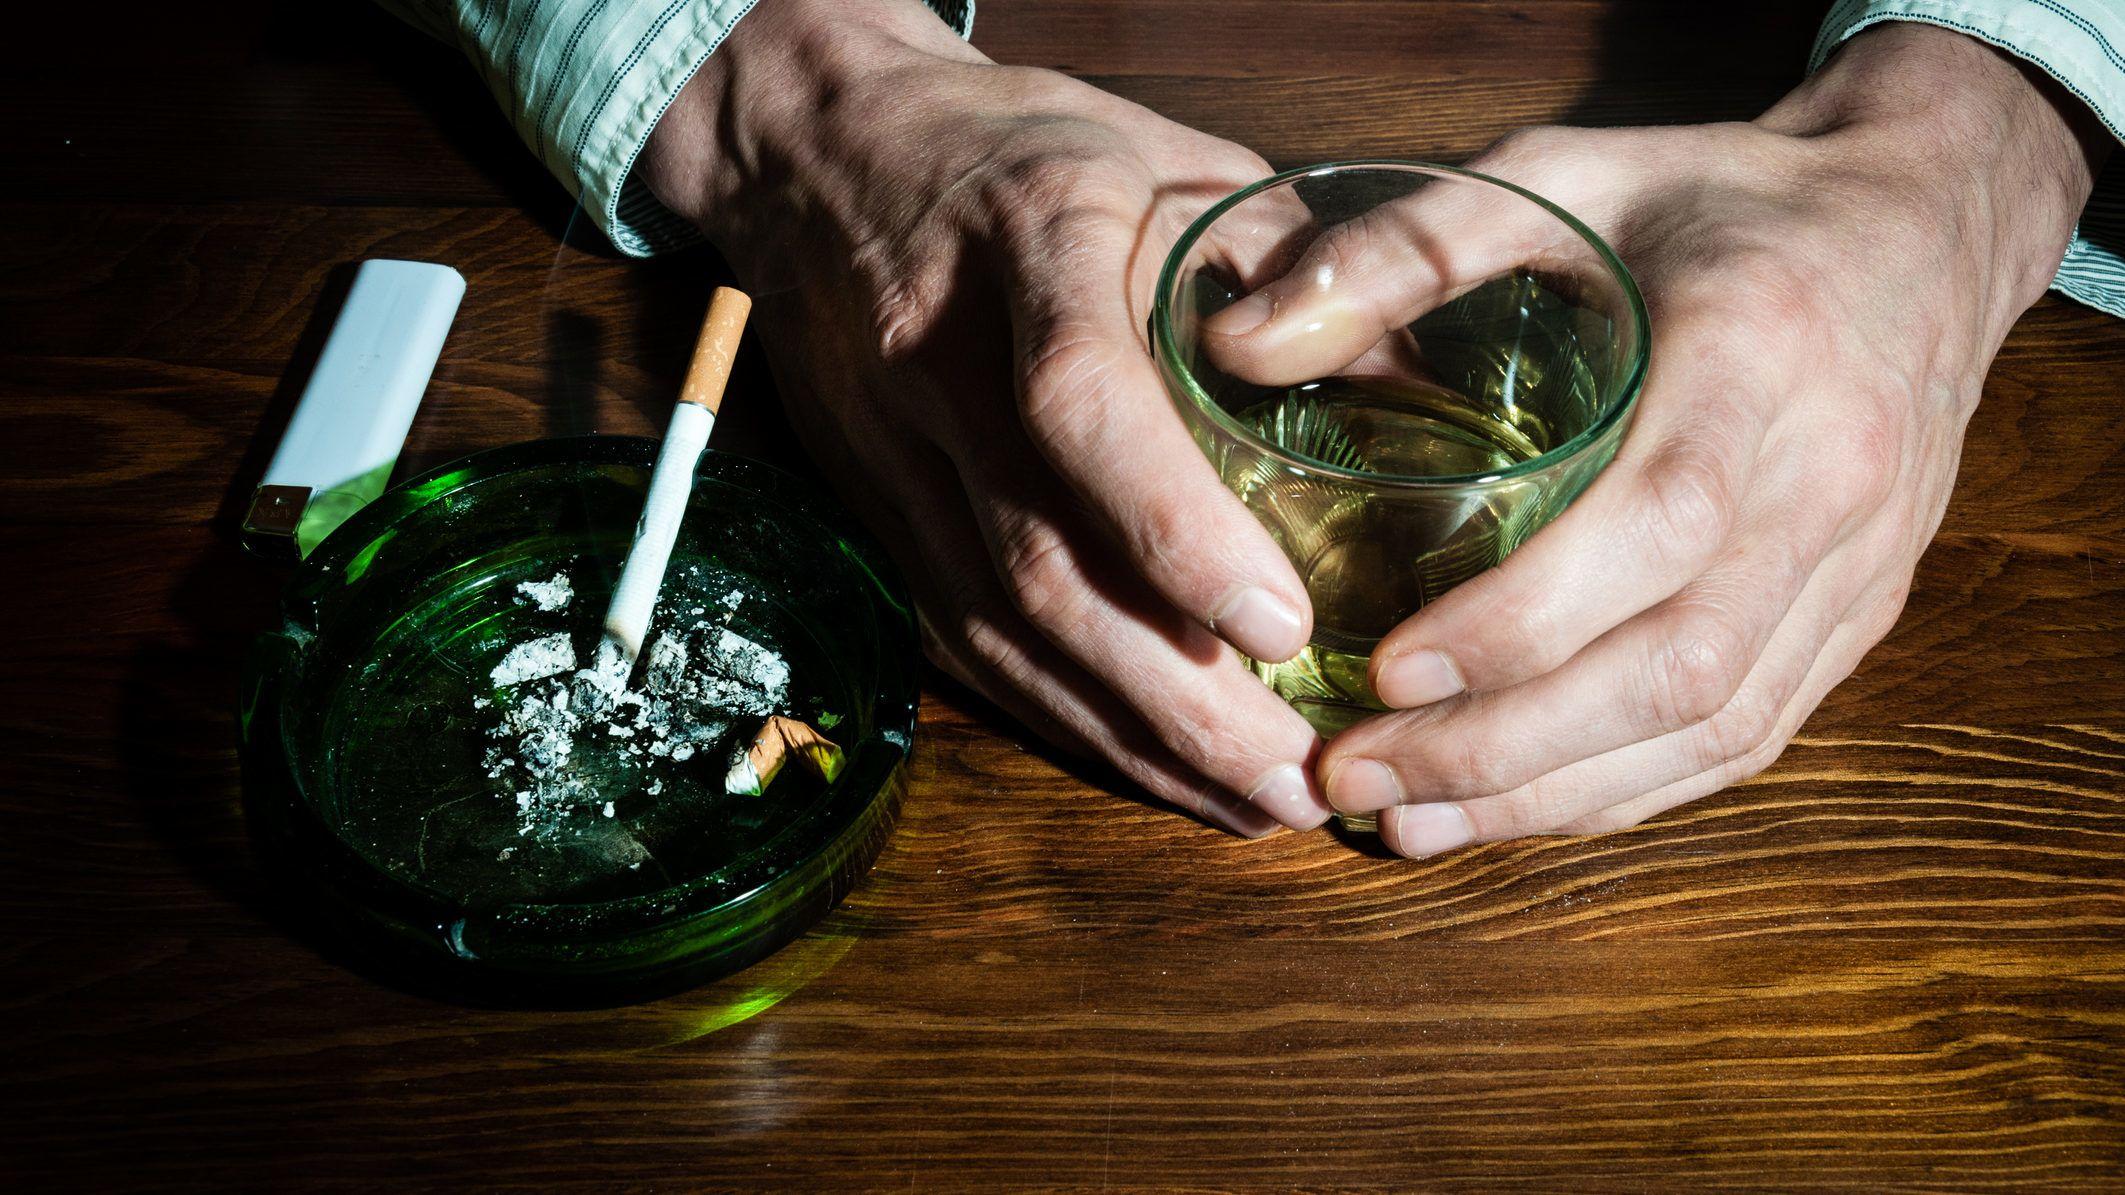 Illegális drogok dohányzása